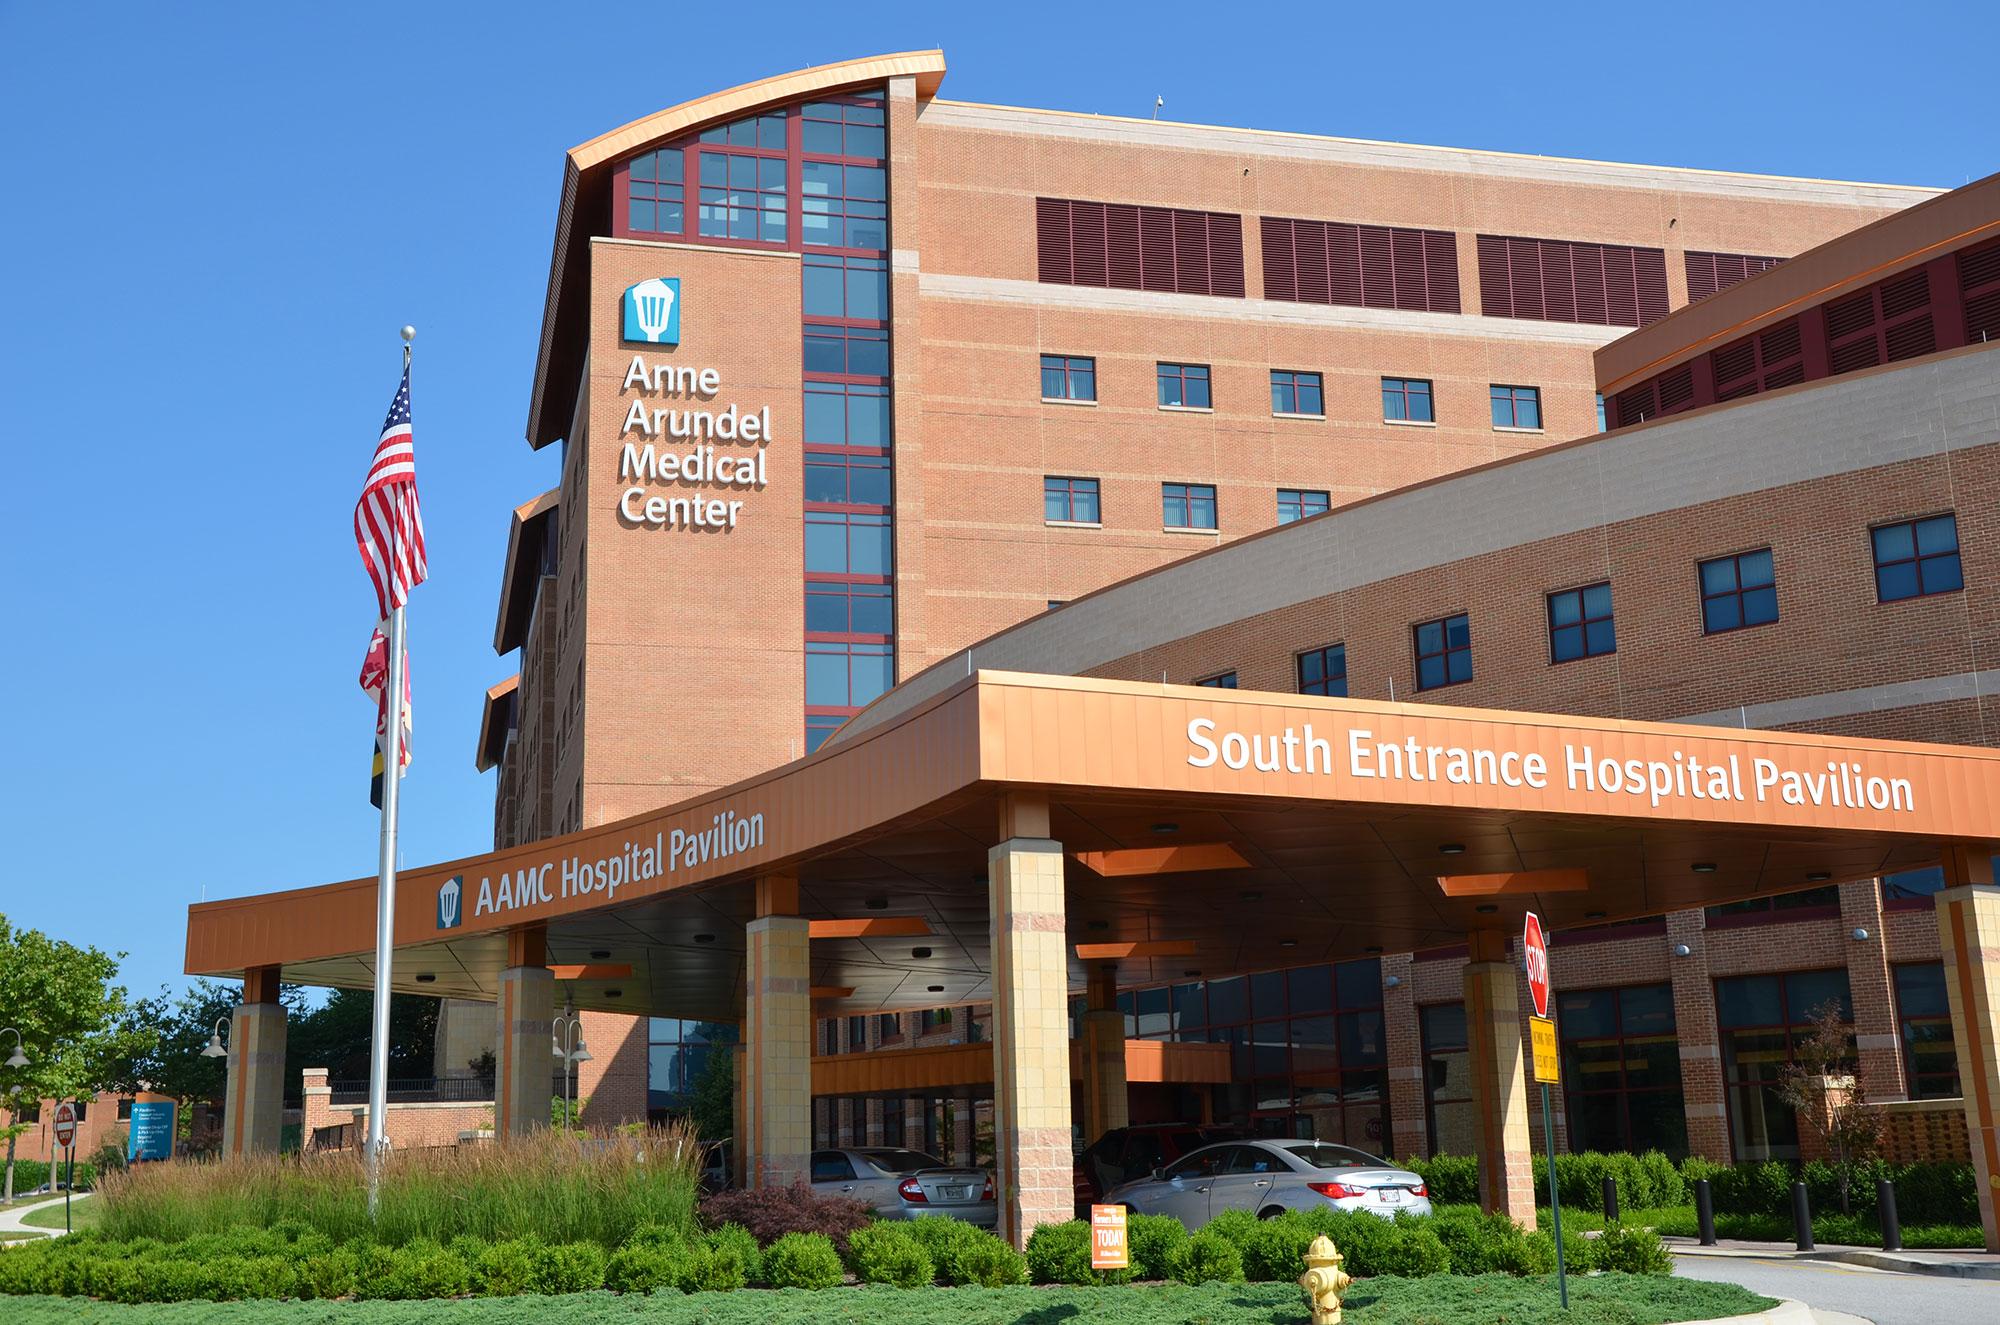 Anne Arundel Medical Center - Commercial Landscape Maintenance Portfolio - Complete Landscaping Service in MD, DC, VA